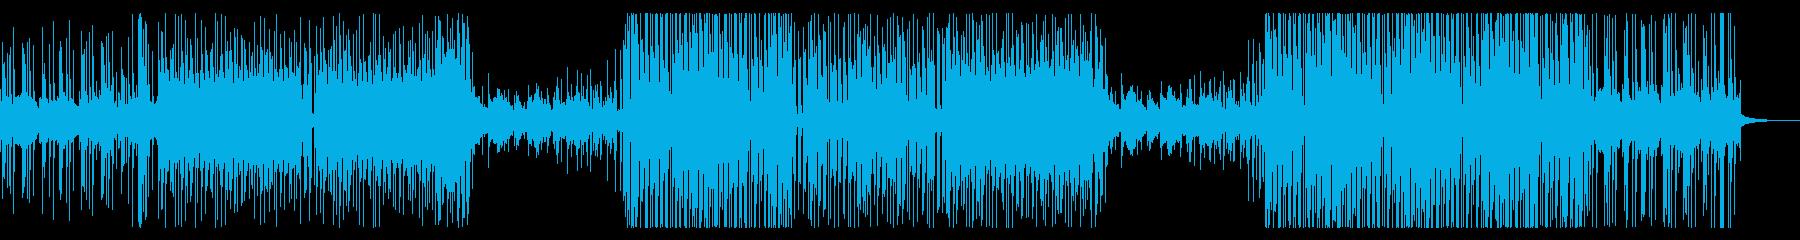 洋楽トレンド系さわやかなトロピカルハウスの再生済みの波形